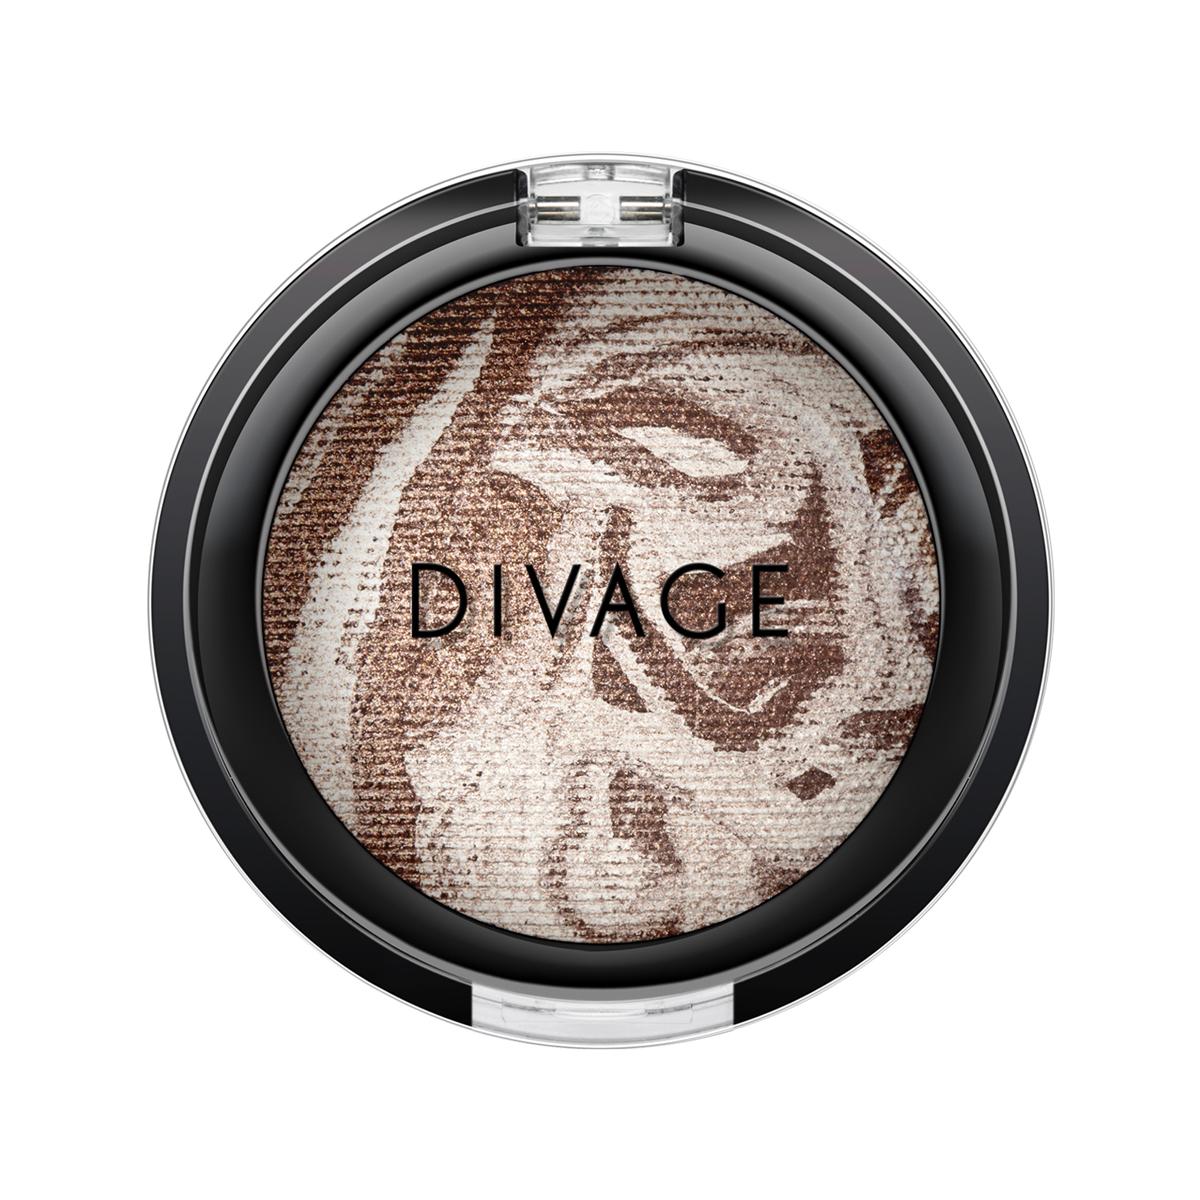 DIVAGE Запечённые тени для век COLOUR SPHERE, тон № 17, 3 гр.02-1159-000007Энергия цвета для вашего макияжа. Трёхцветные мраморные оттенки с восхитительным блеском! Миксовые цвета при нанесении раскрываются богатой палитрой, подчёркивая выразительность взгляда. Мягкая микро-пудра, входящая в состав теней, увеличивает стойкость, что позволяет макияжу сохраняться в течение всего дня, не осыпаясь и не размазываясь. Тени можно наносить как сухим аппликатором для создания нежного сияния, так и влажным методом для придания макияжу яркого металлического блеска. Высокая концентрация цветовых пигментов помогает оставаться цвету насыщенным даже спустя 8 часов. Энергия цвета заряжает на весь день с тенями COLOUR SPHERE от DIVAGE! СОВЕТ DIVAGE: Используя тени для макияжа глаз от DIVAGE, ты легко можешь меняться каждый день, создавая различные образы. Но как выбрать свой оттенок в таком многообразии? Выбирай контрастные оттенки теней к твоему цвету глаз. Карие глаза хорошо подчеркнут зелёные и фиолетовые оттенки, все оттенки коричневого придадут выразительности зелёным...